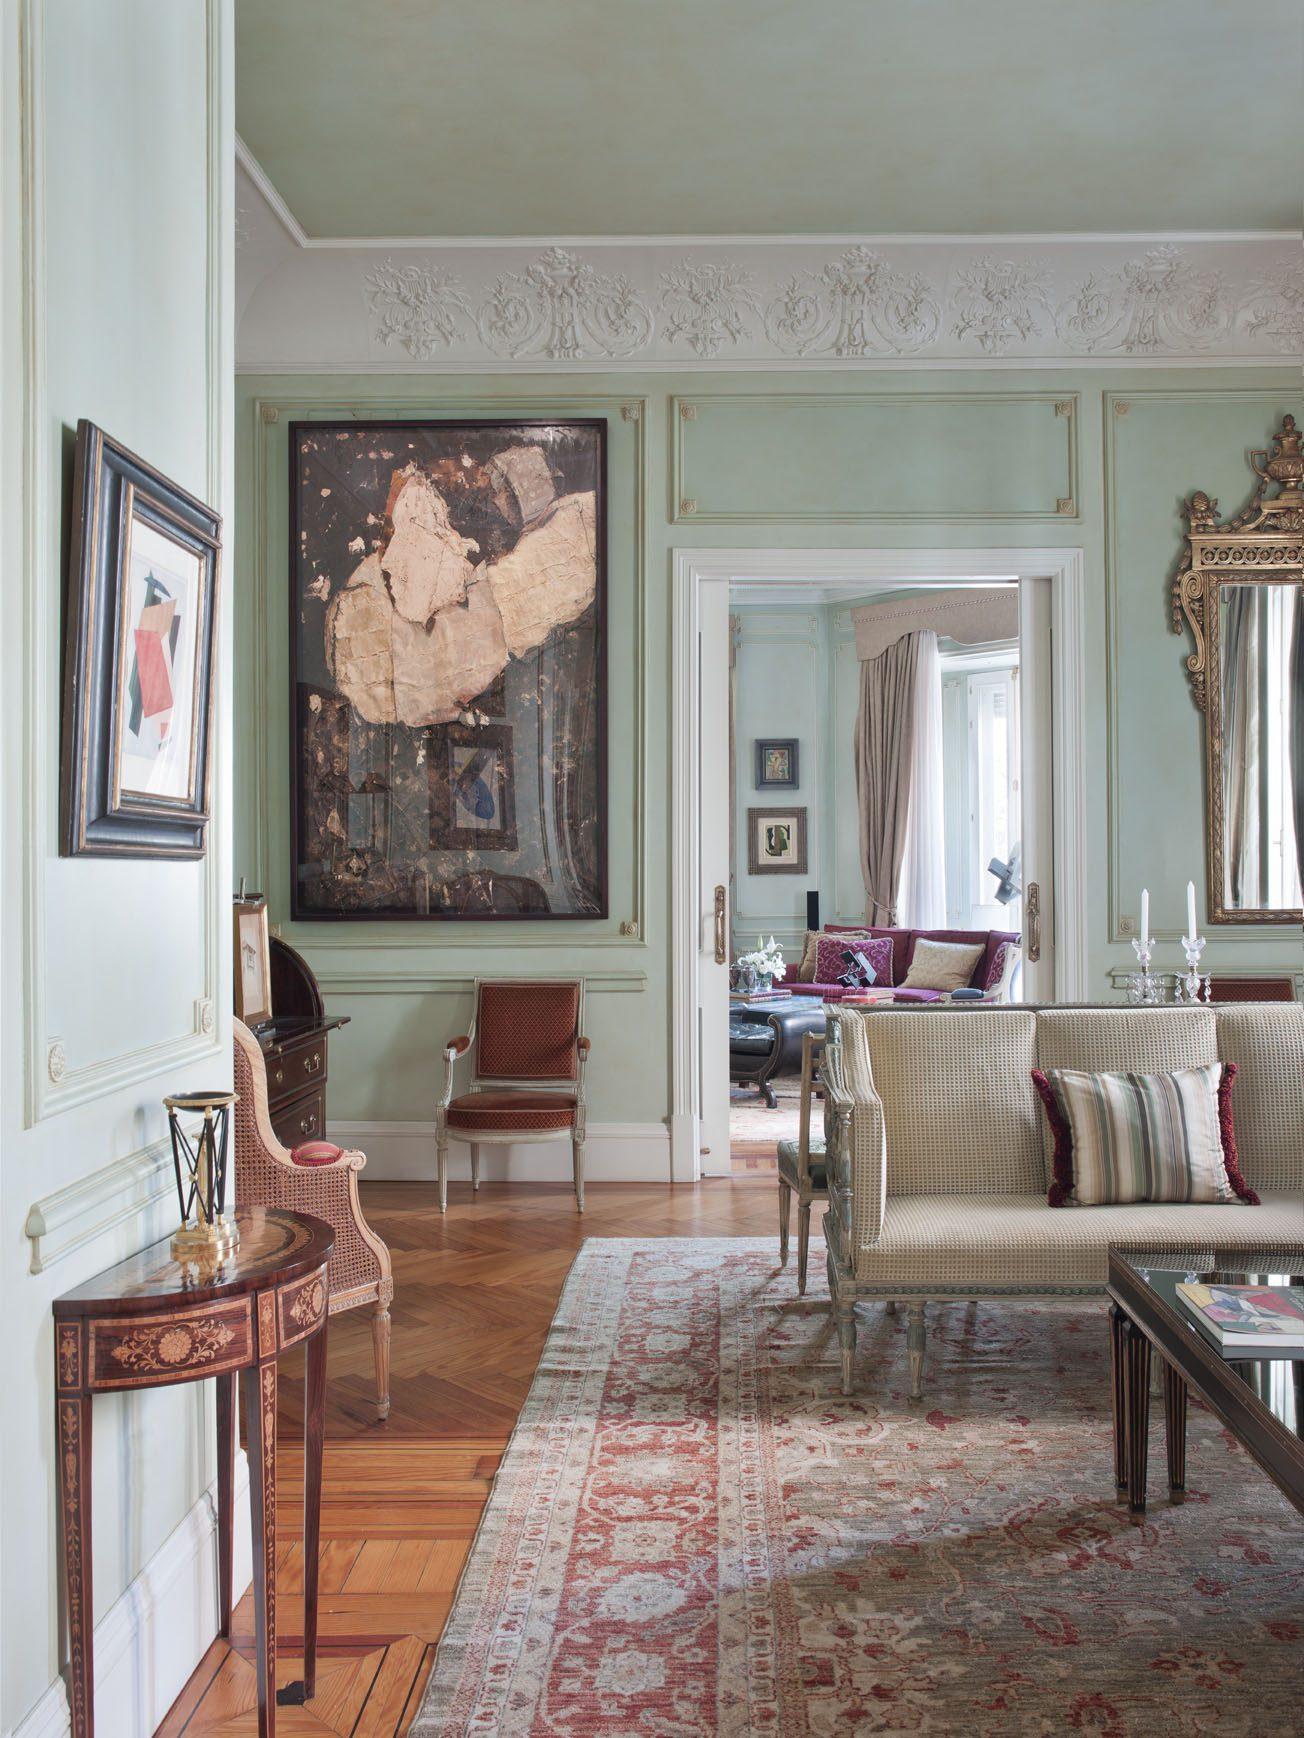 Dise o de interiores ram n garc a jurado for Decoracion clasica contemporanea